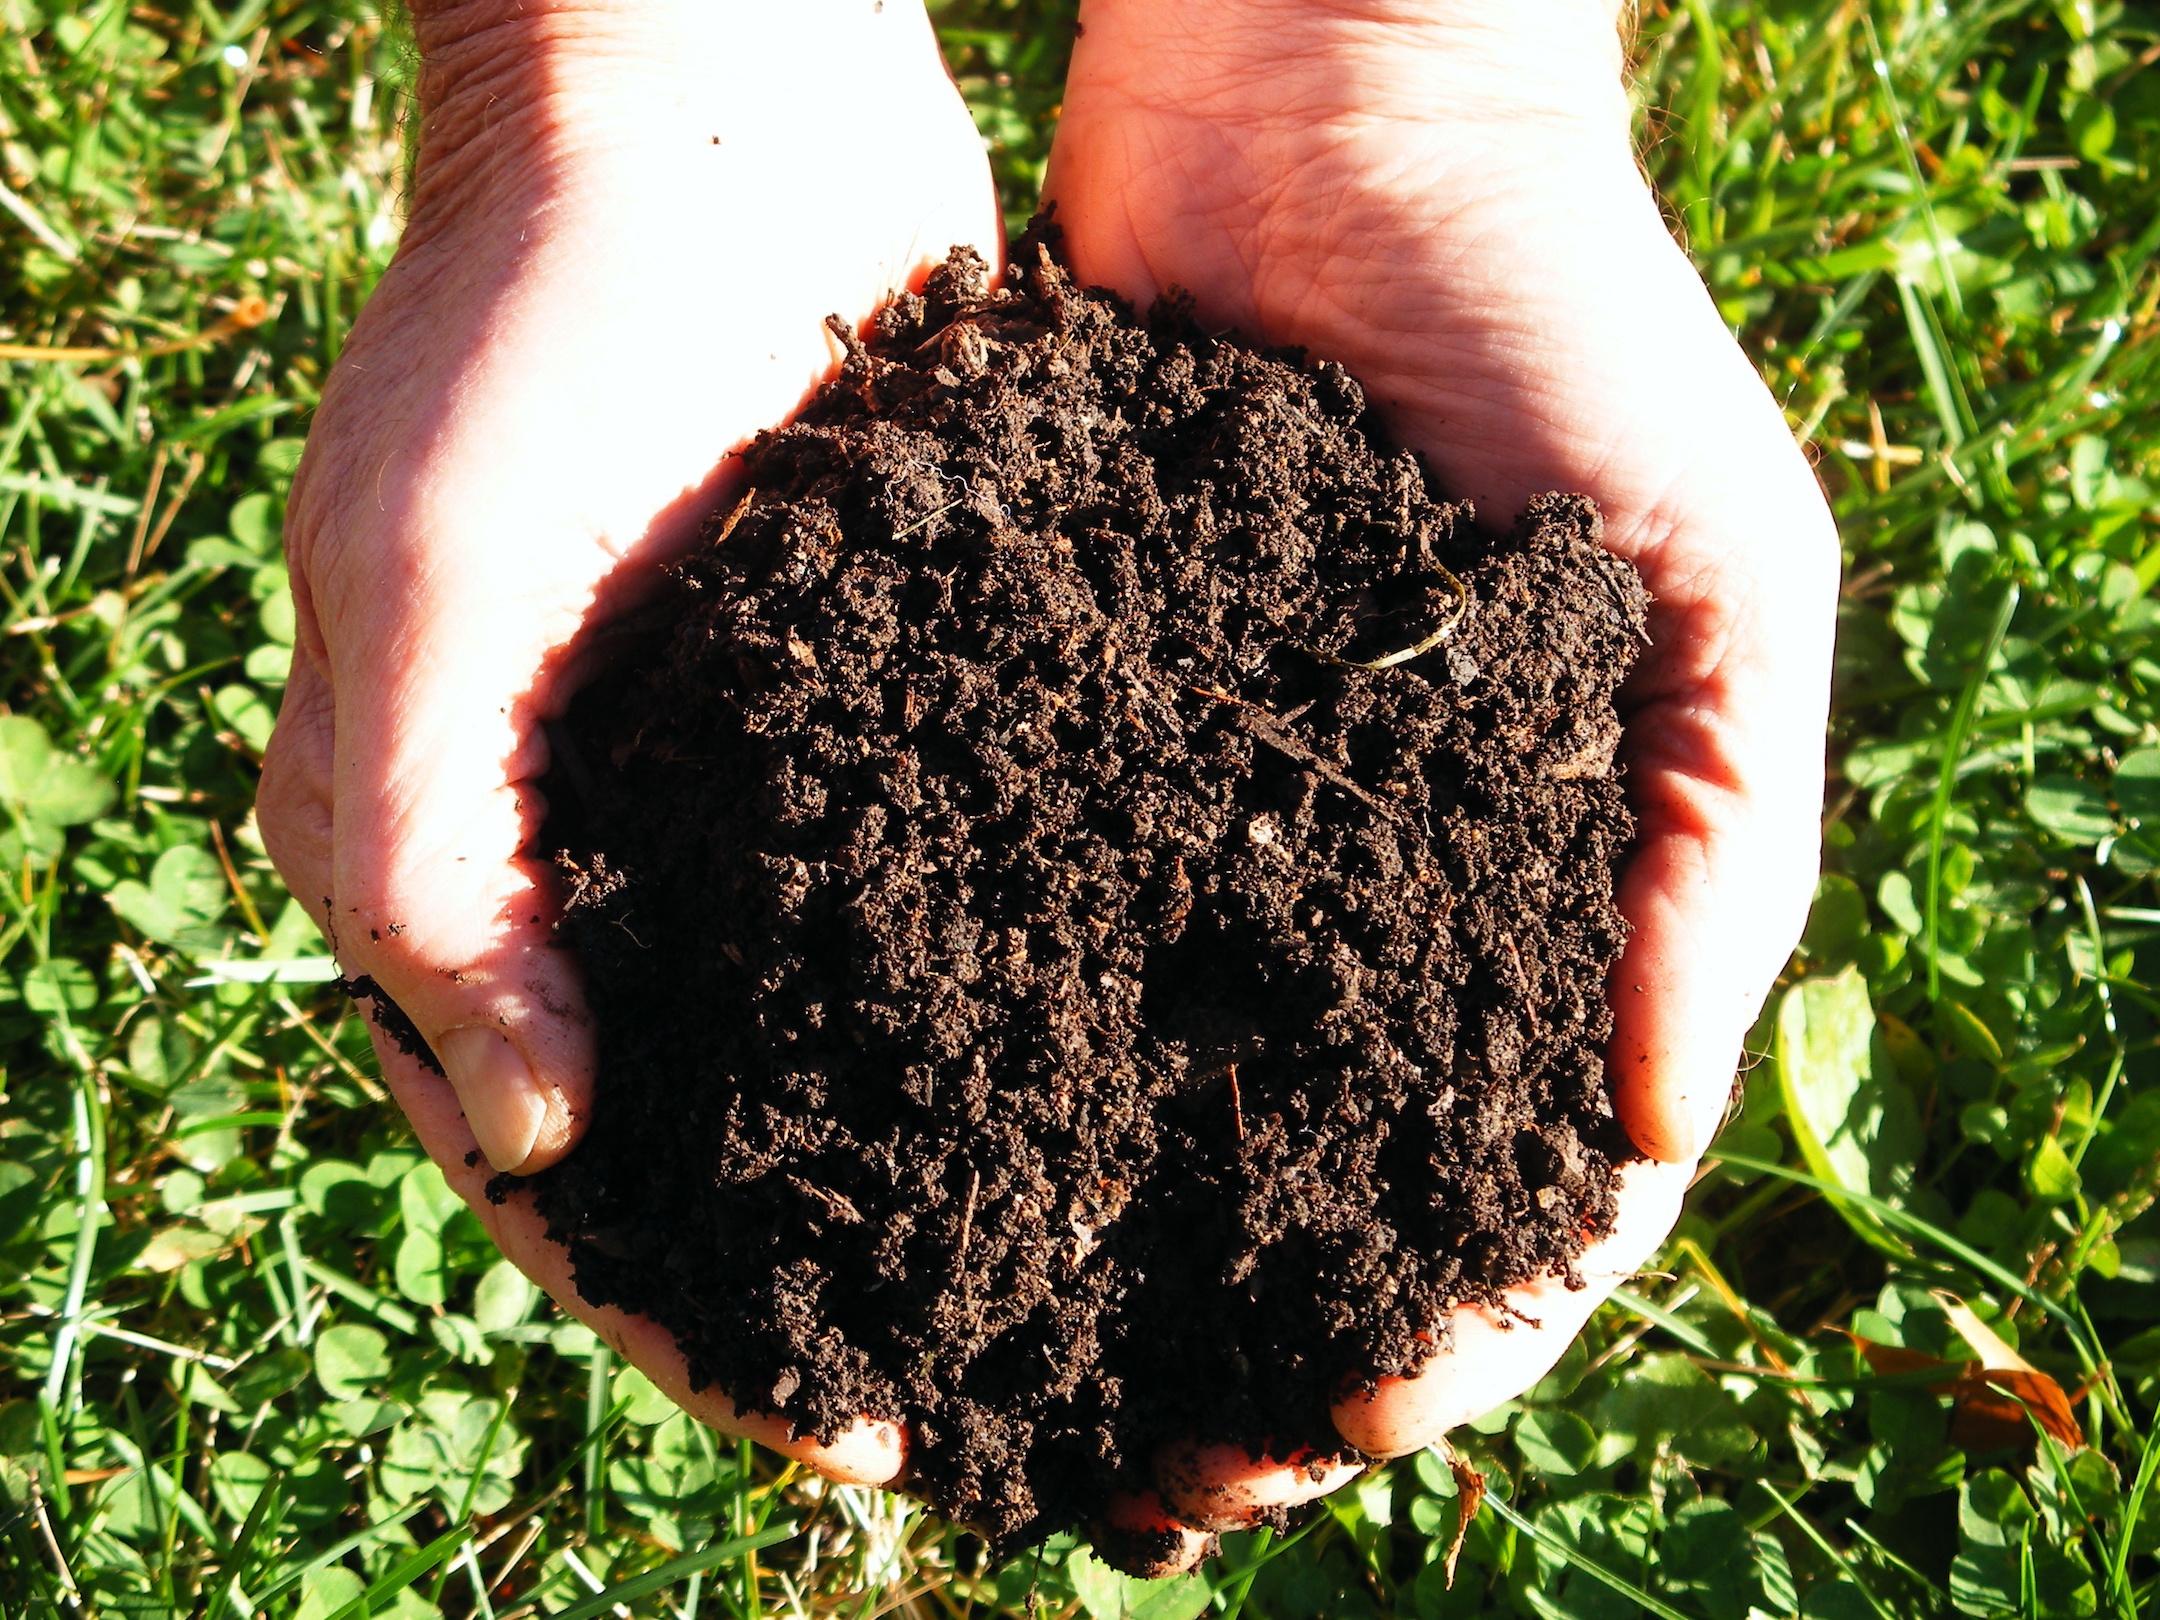 Лучшее удобрение для картофеля при посадке в лунку на 2021 год